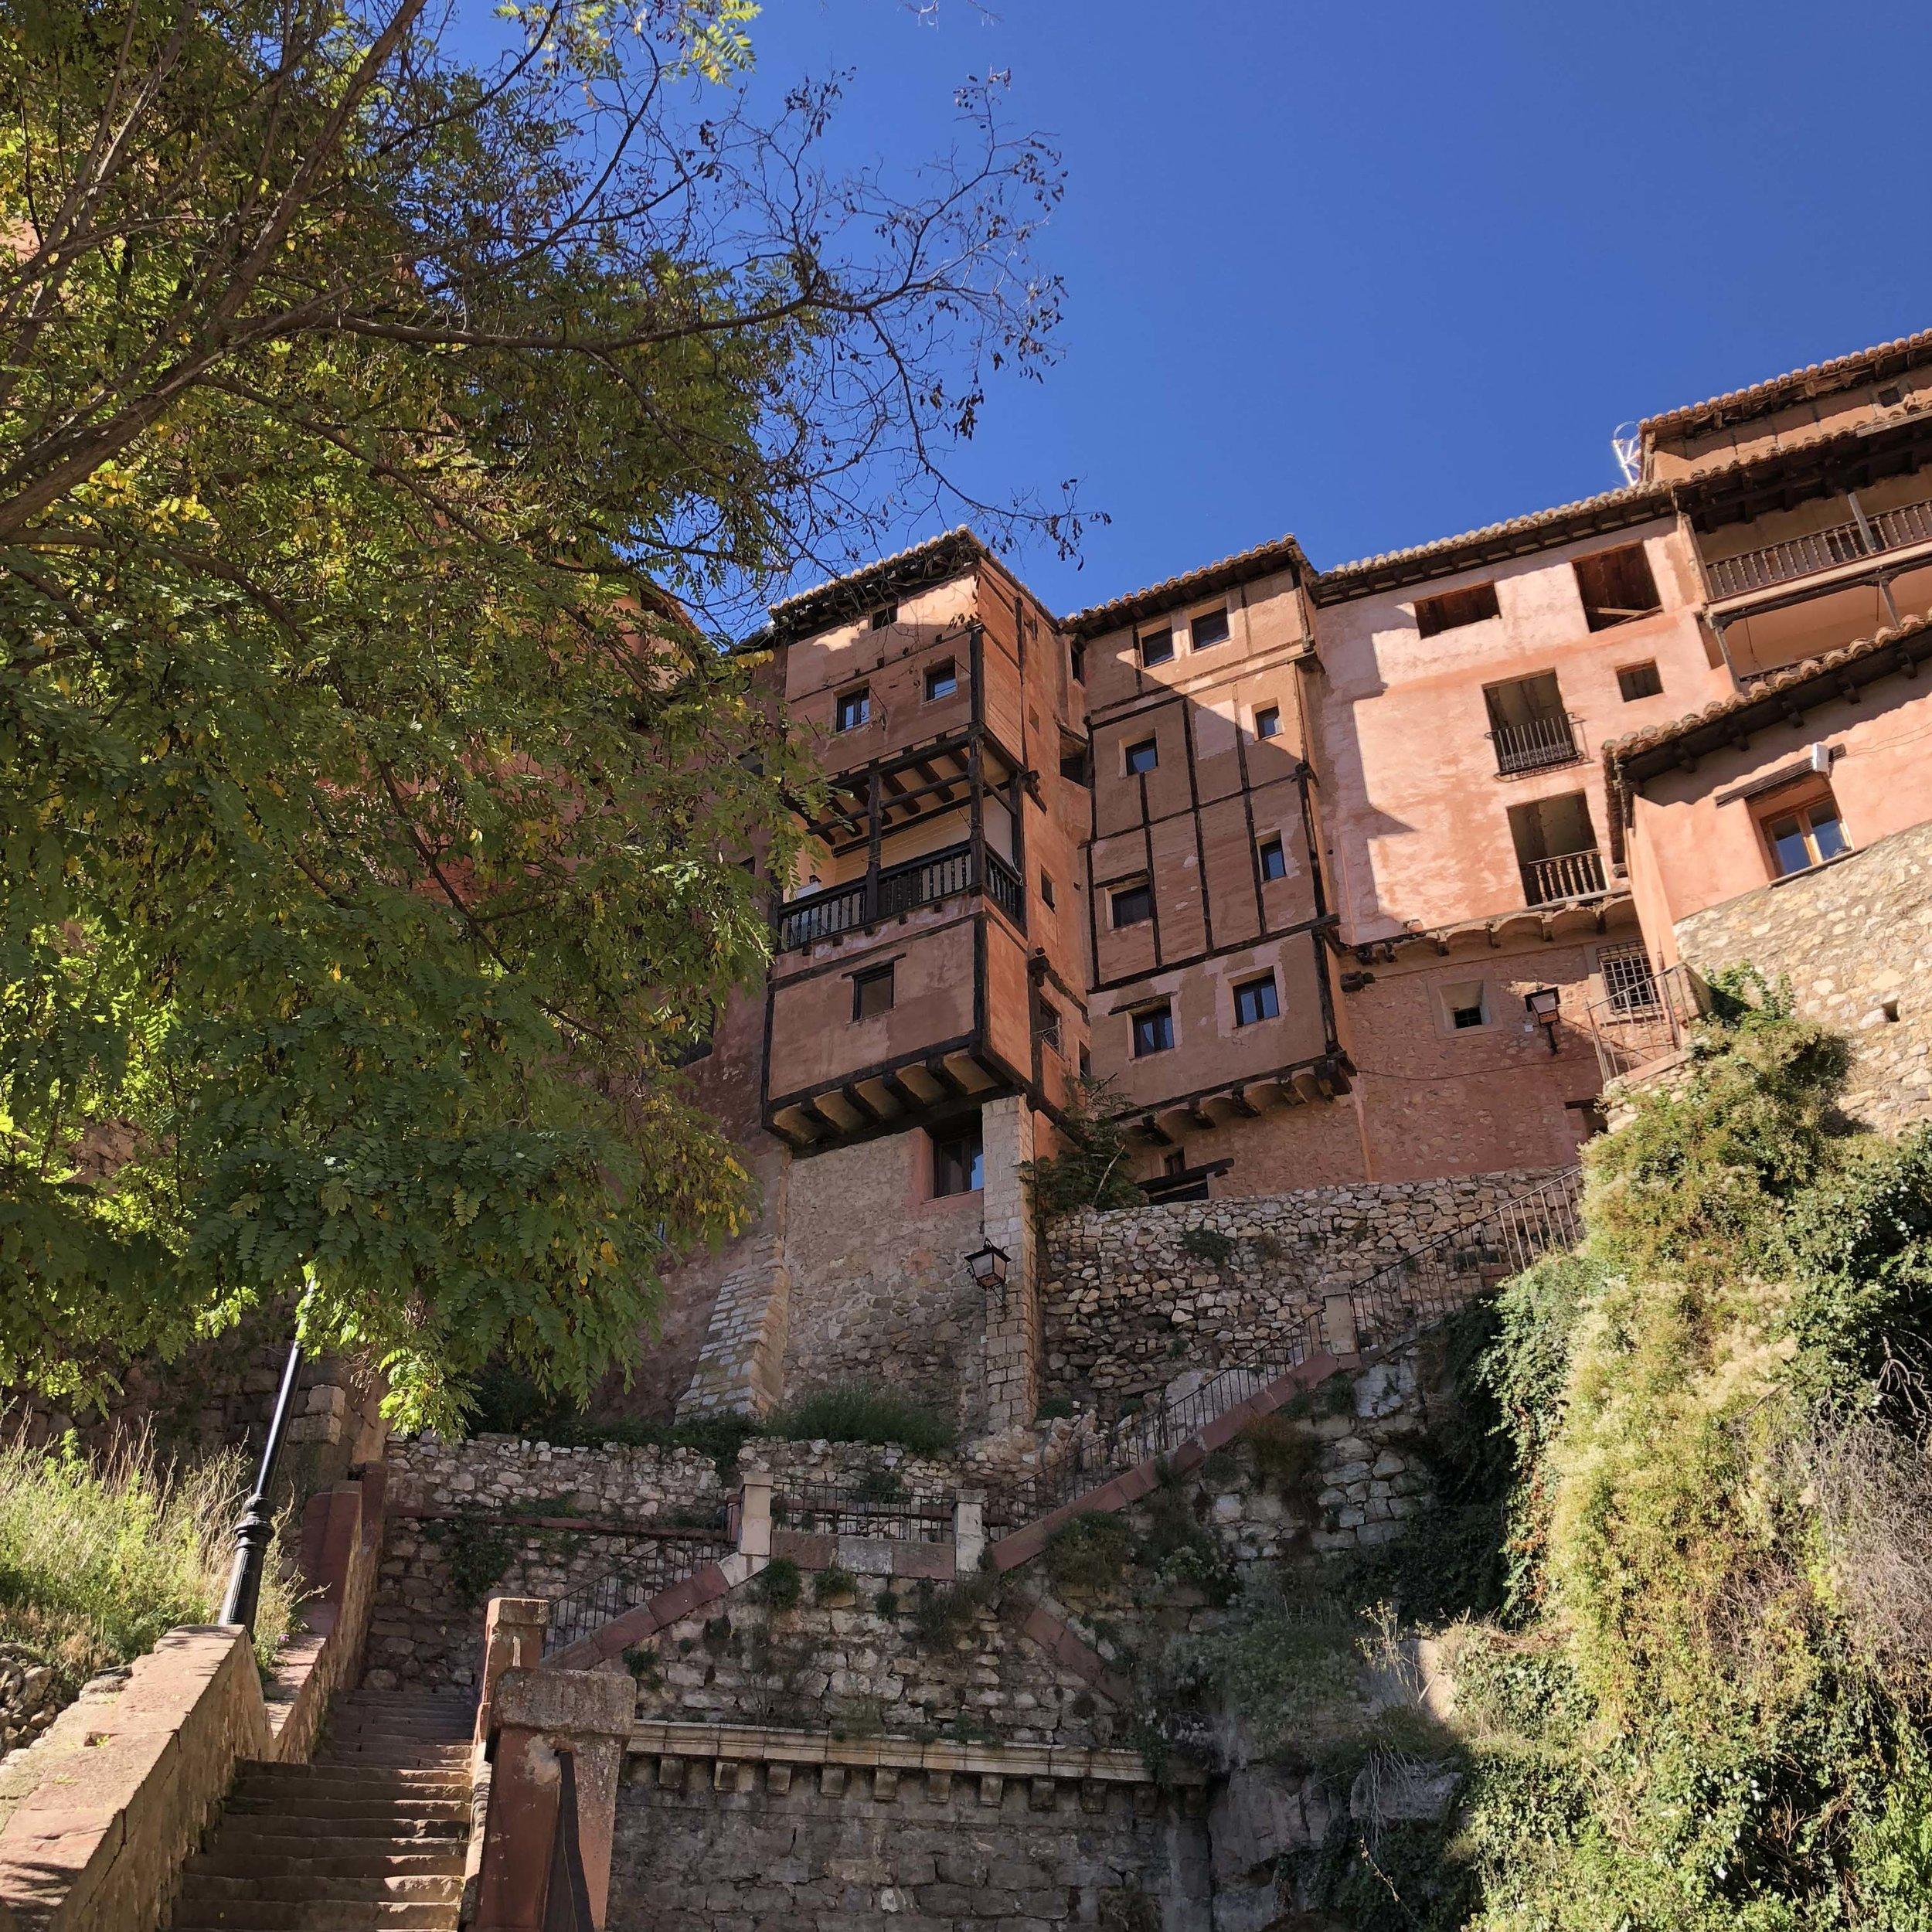 Casas colgantes de Albarracín.